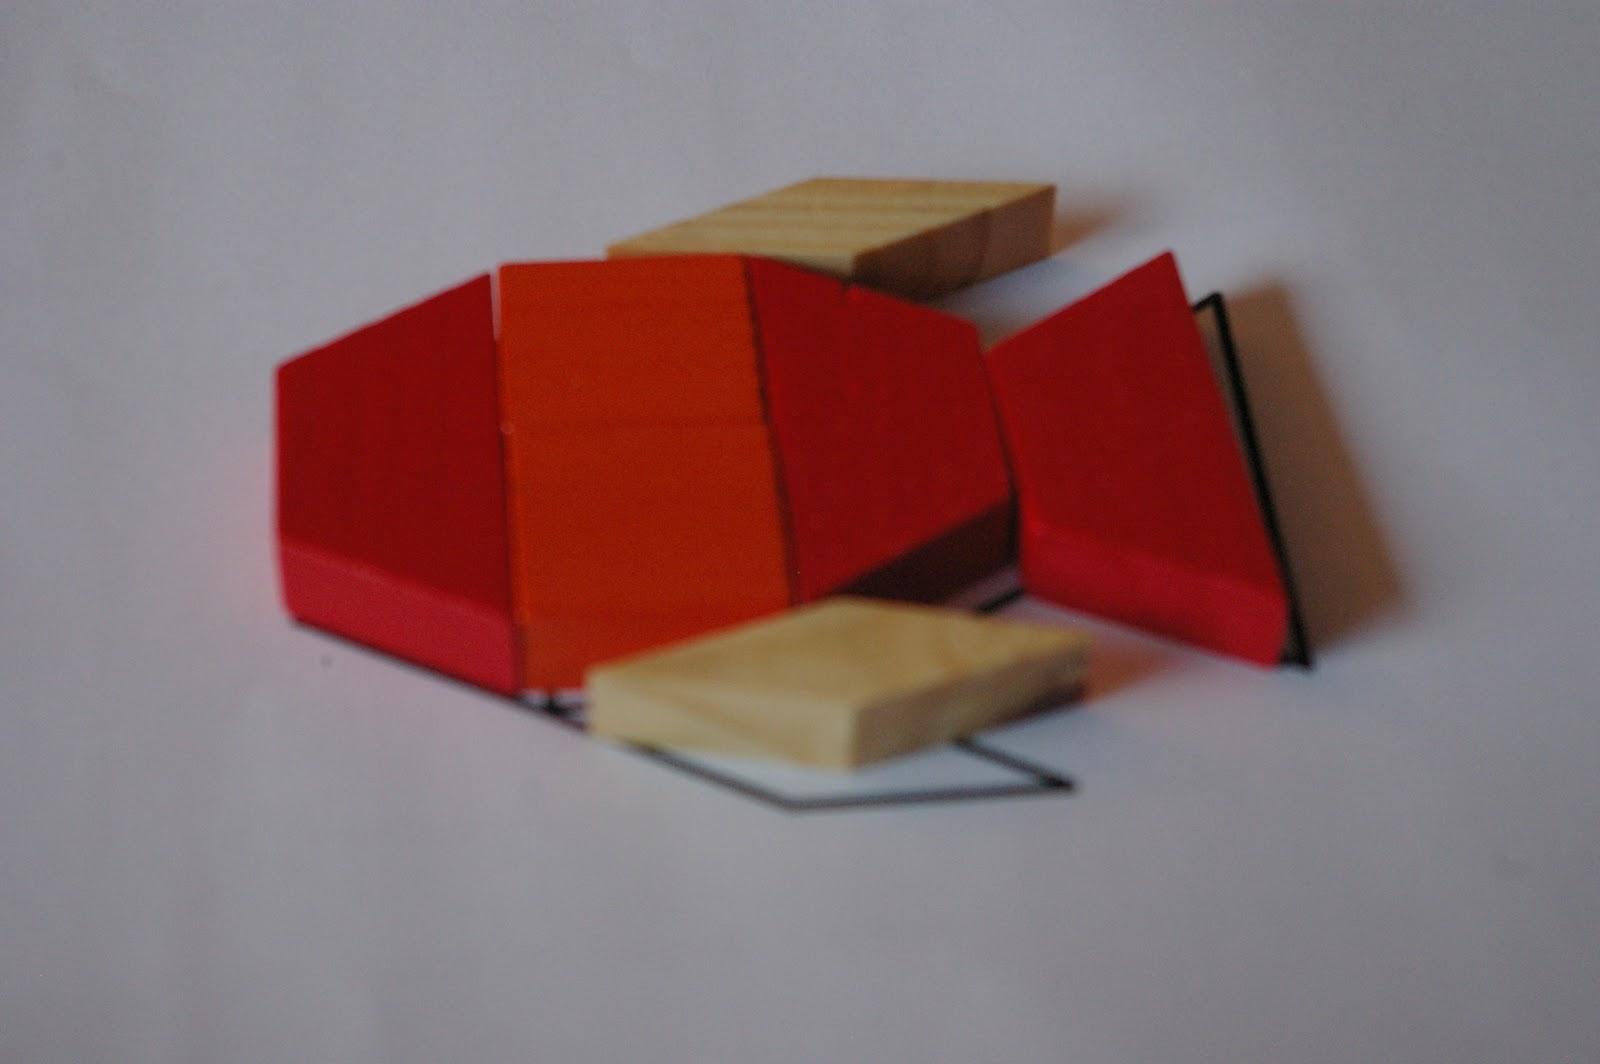 http://1.bp.blogspot.com/_EpZmSXLmDeI/TMrXcD1j_iI/AAAAAAAAGW4/iKIXK__0xmQ/s1600/IMGP0044.JPG